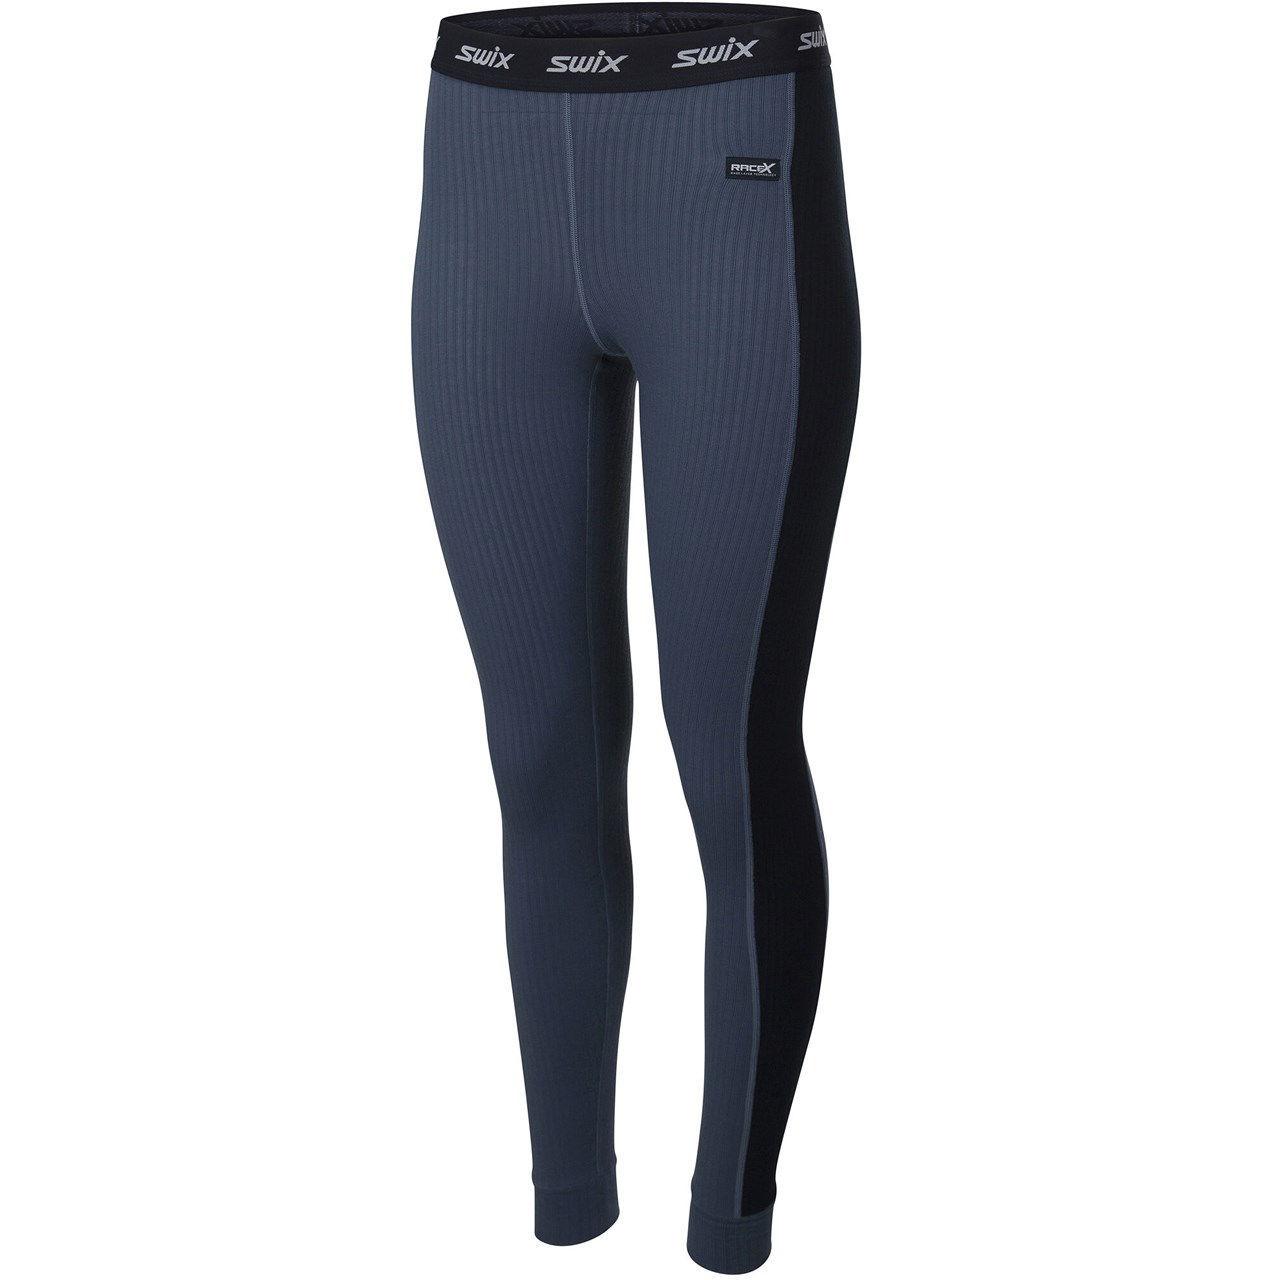 Bilde av RaceX bodyw pants W